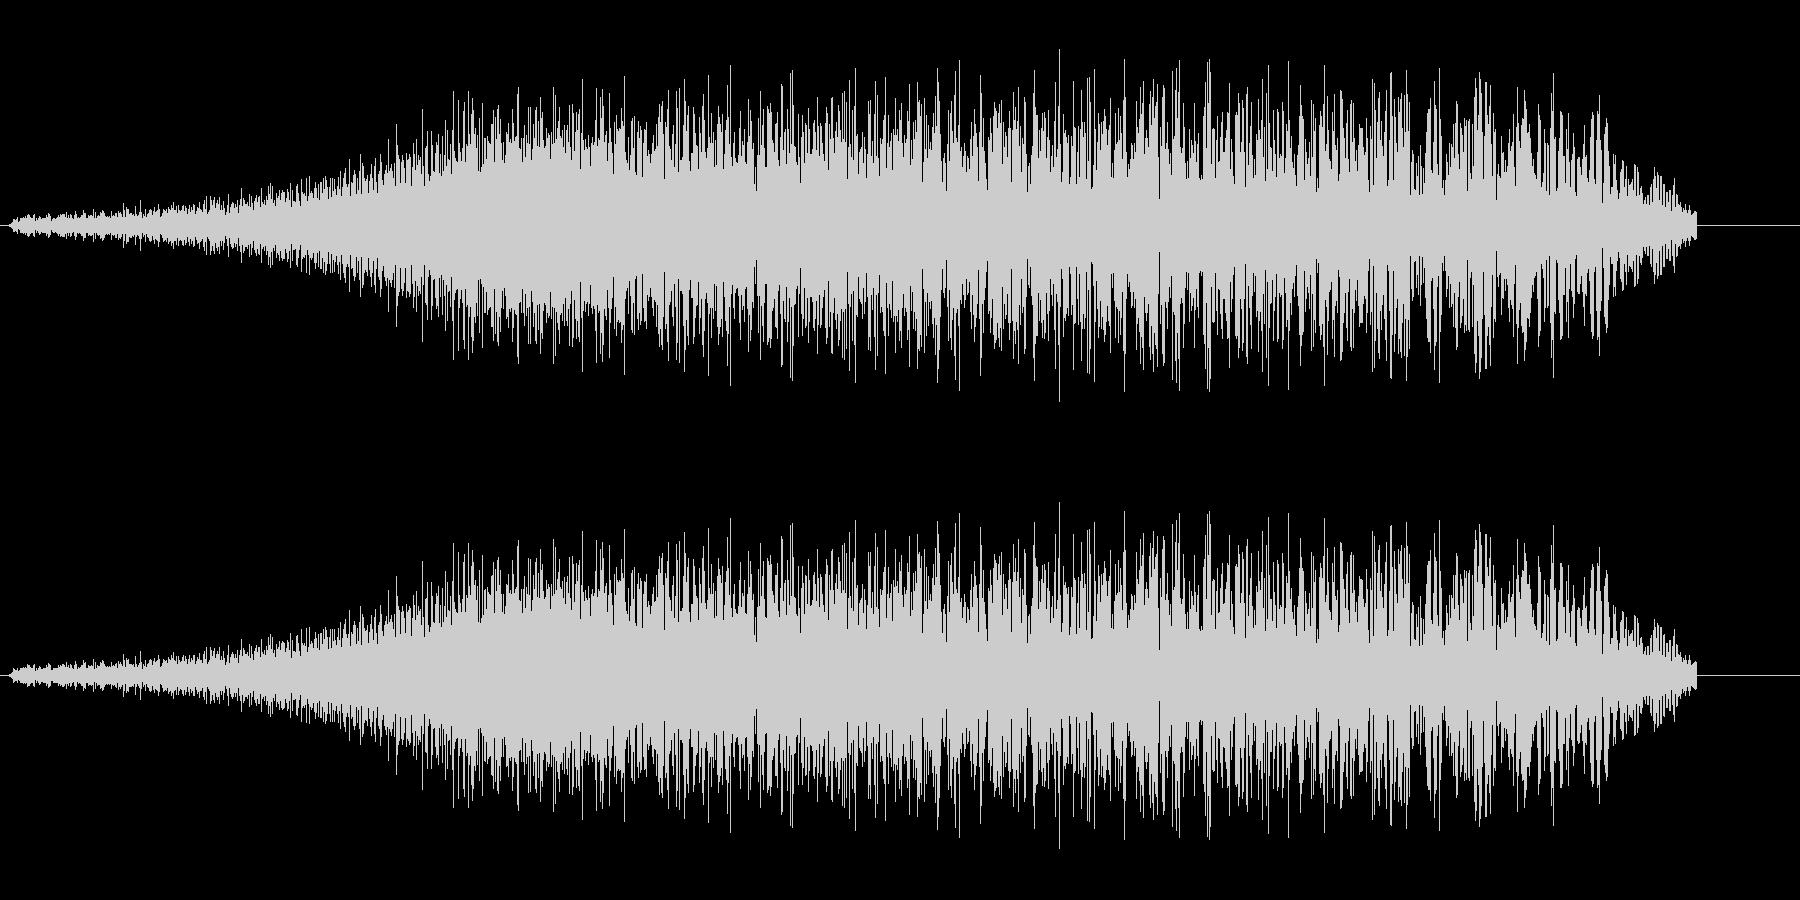 シュワー・ウン(拡張と縮小)の未再生の波形